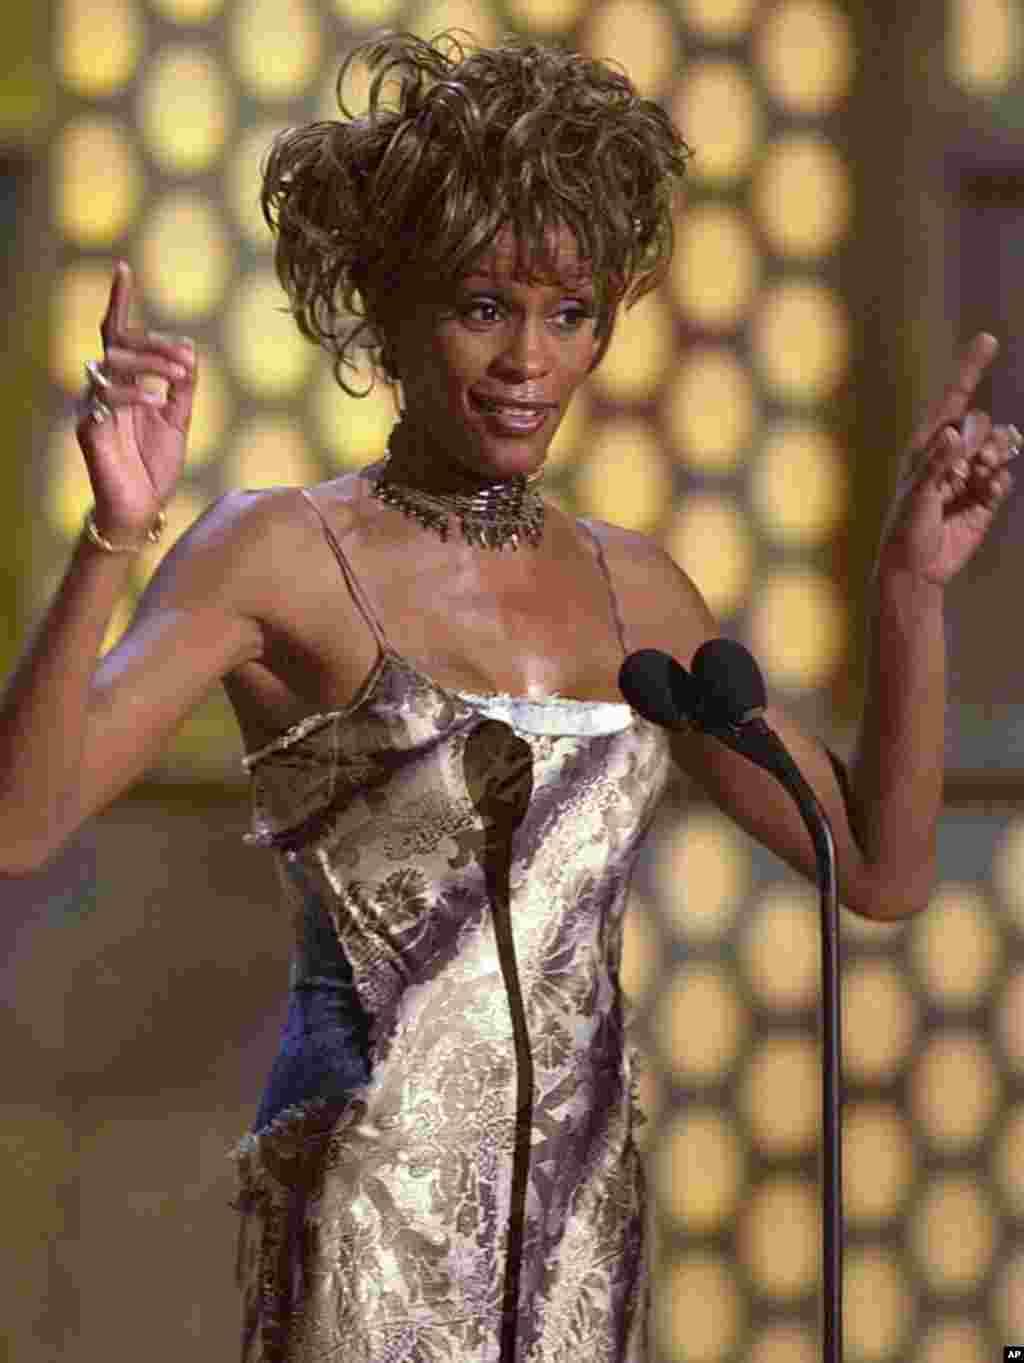 """2001年6月19号,惠特尼•休斯顿在拉斯维加斯接受第一届""""黑人娱乐电视奖""""颁发的终身成就奖。 (AP)"""